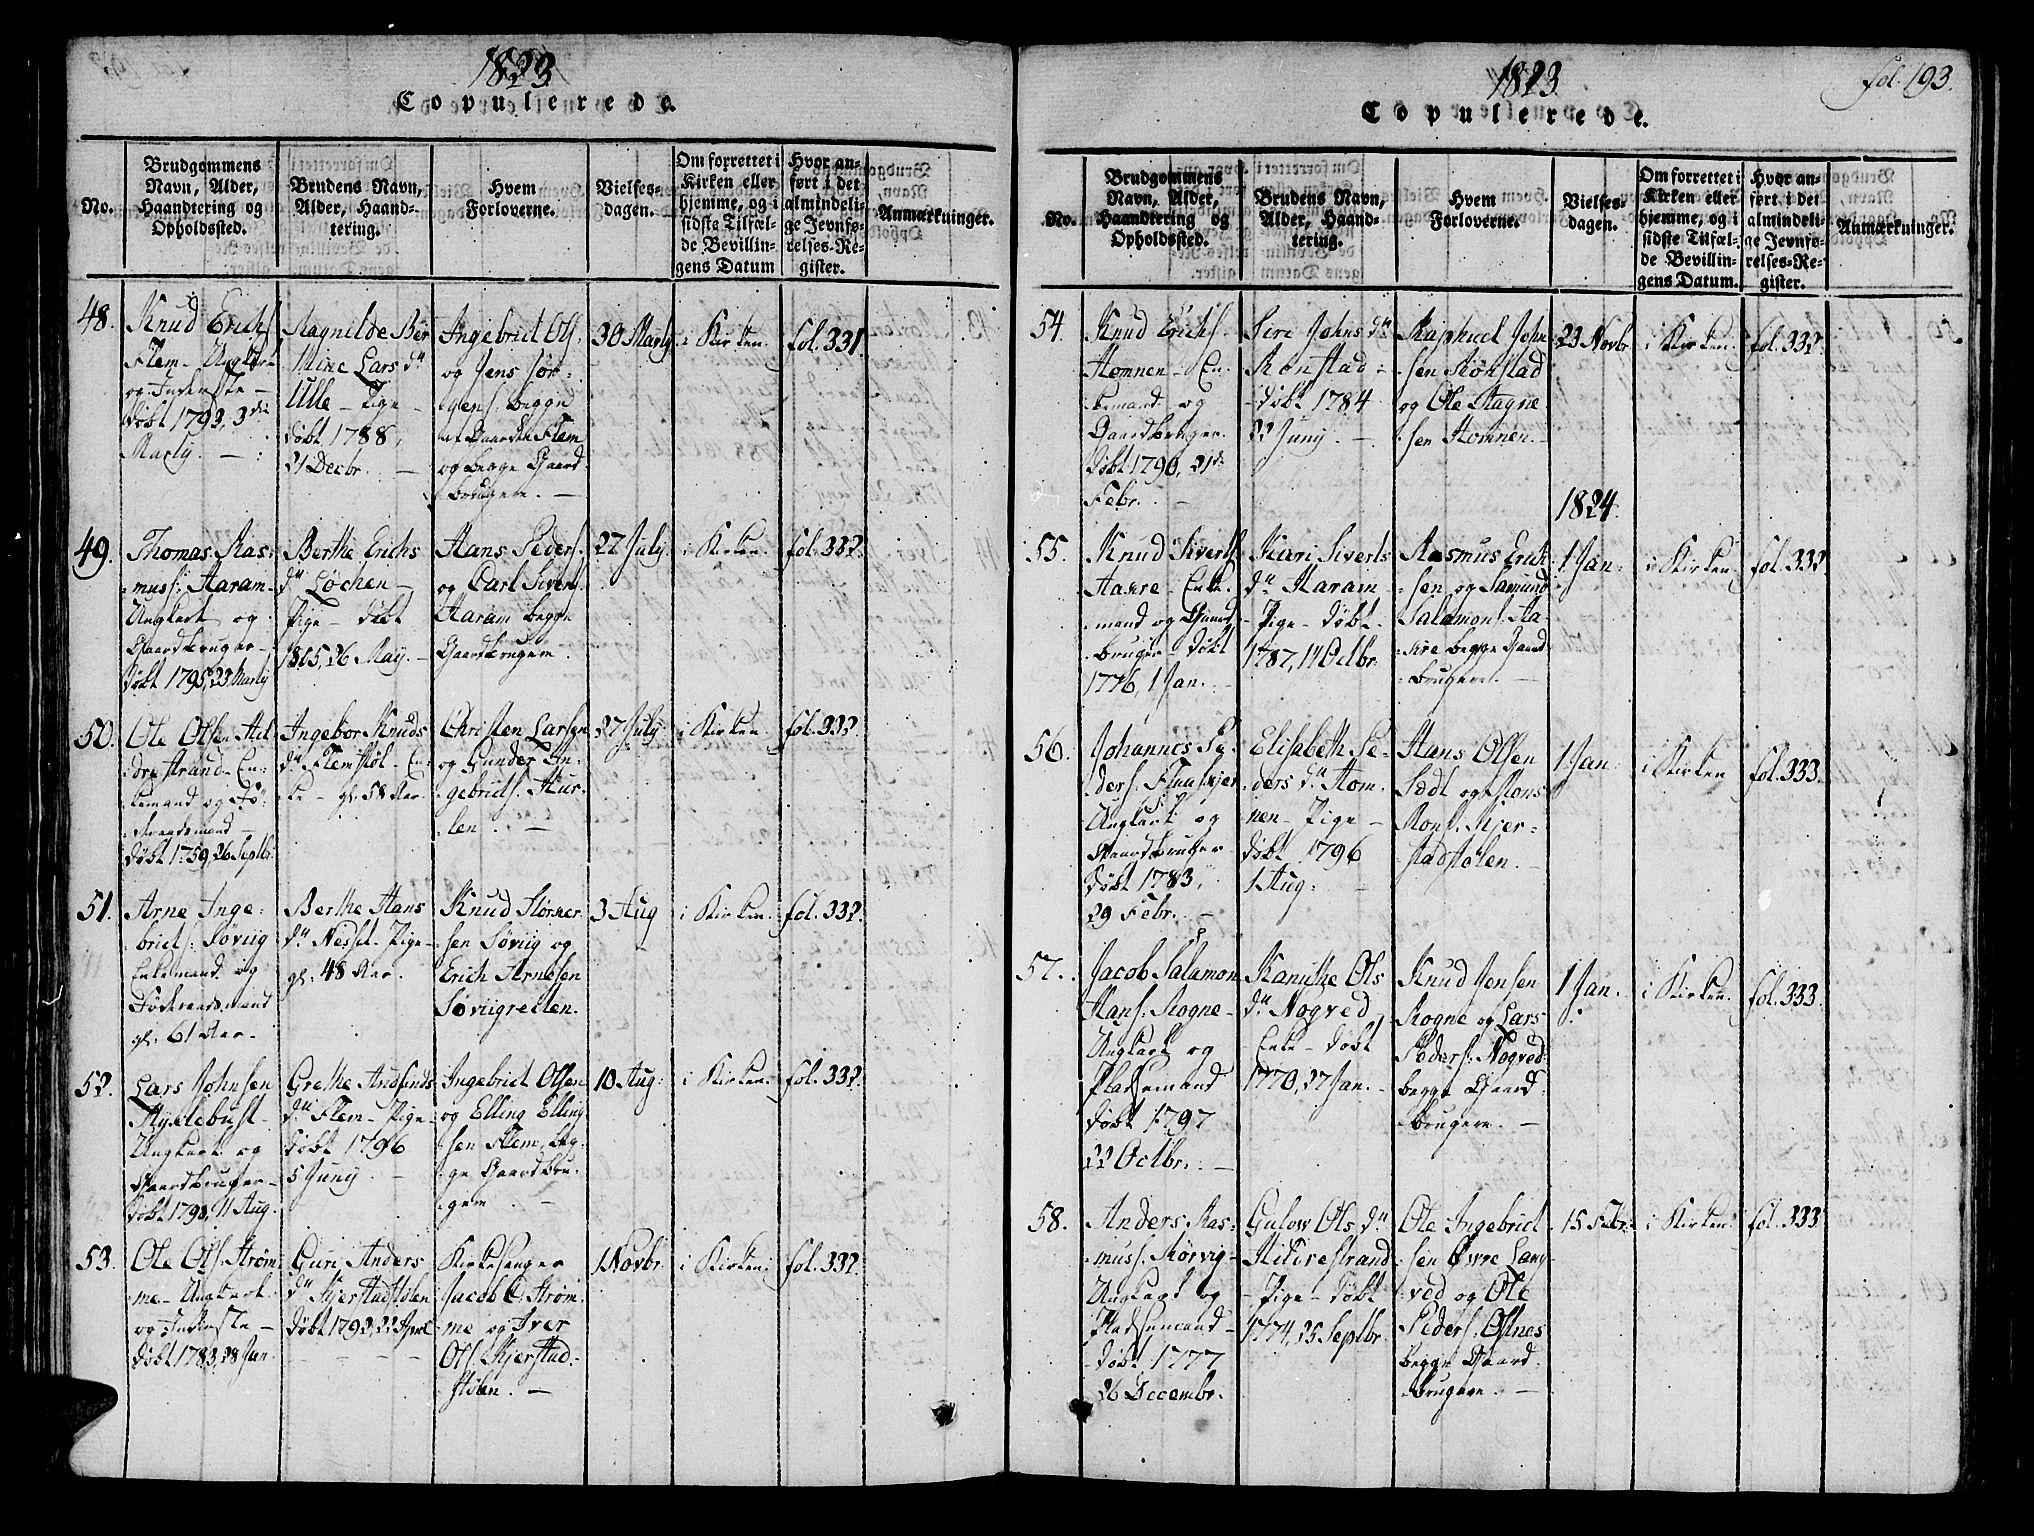 SAT, Ministerialprotokoller, klokkerbøker og fødselsregistre - Møre og Romsdal, 536/L0495: Ministerialbok nr. 536A04, 1818-1847, s. 193